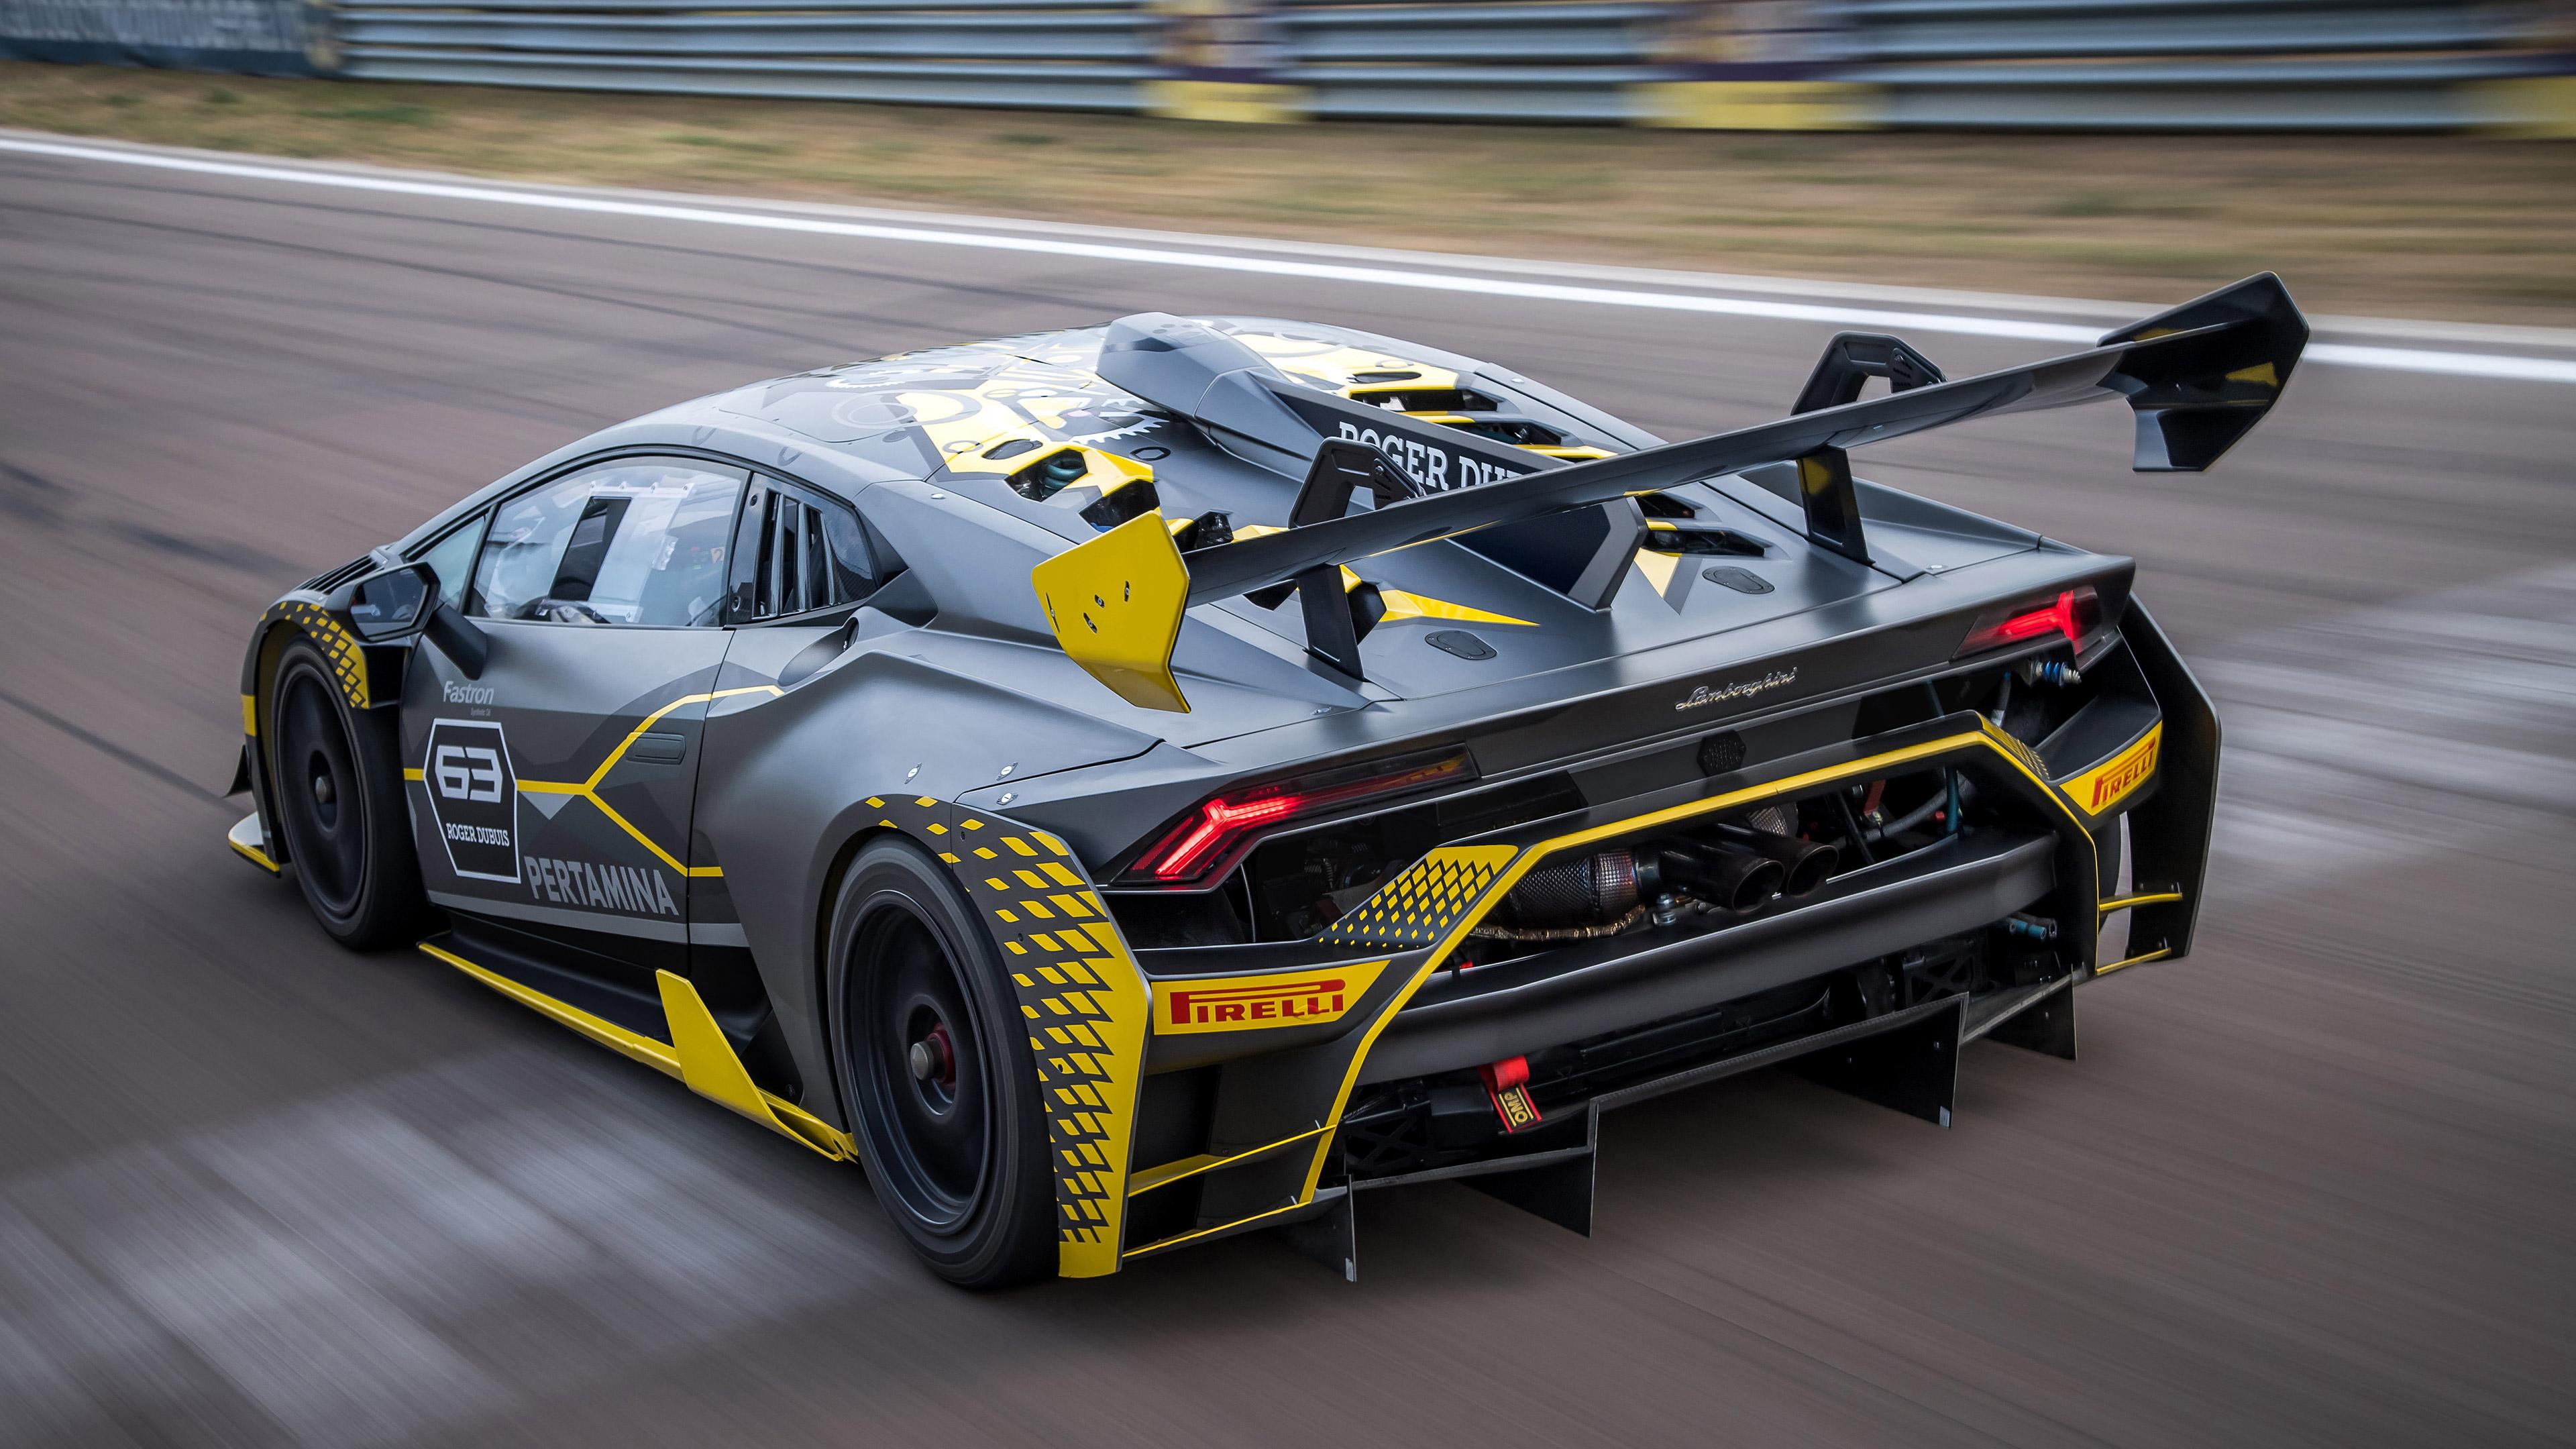 Car Race Car Lamborghini 3840x2160